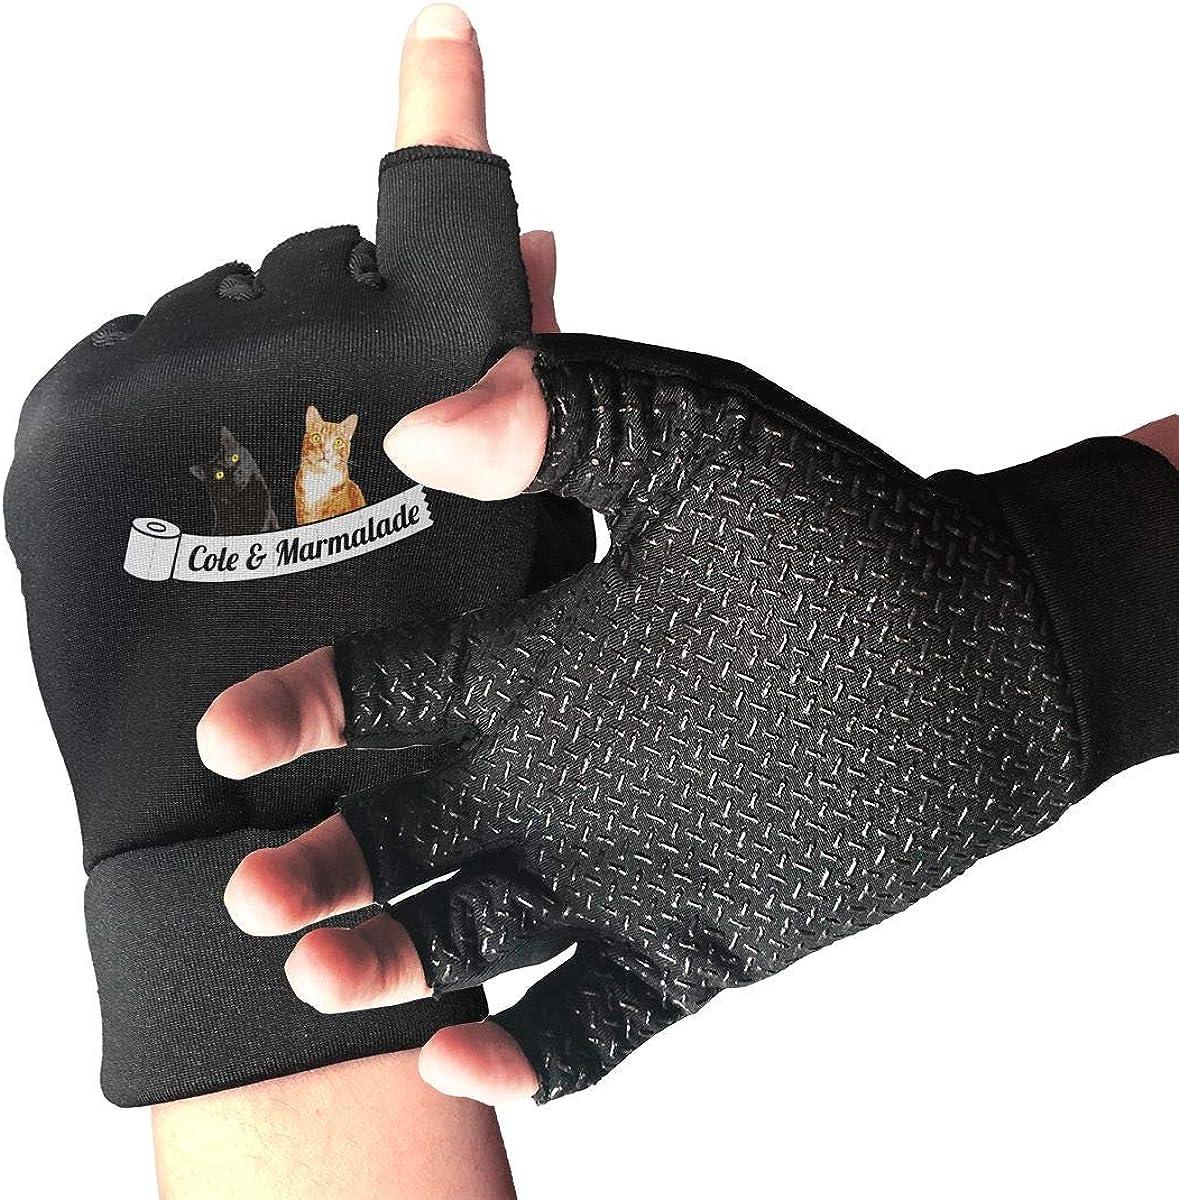 Gloves CUTE CAT LOGO Fingerless Gloves Short Touchscreen Gloves Winter Motorcycle Biker Mitten